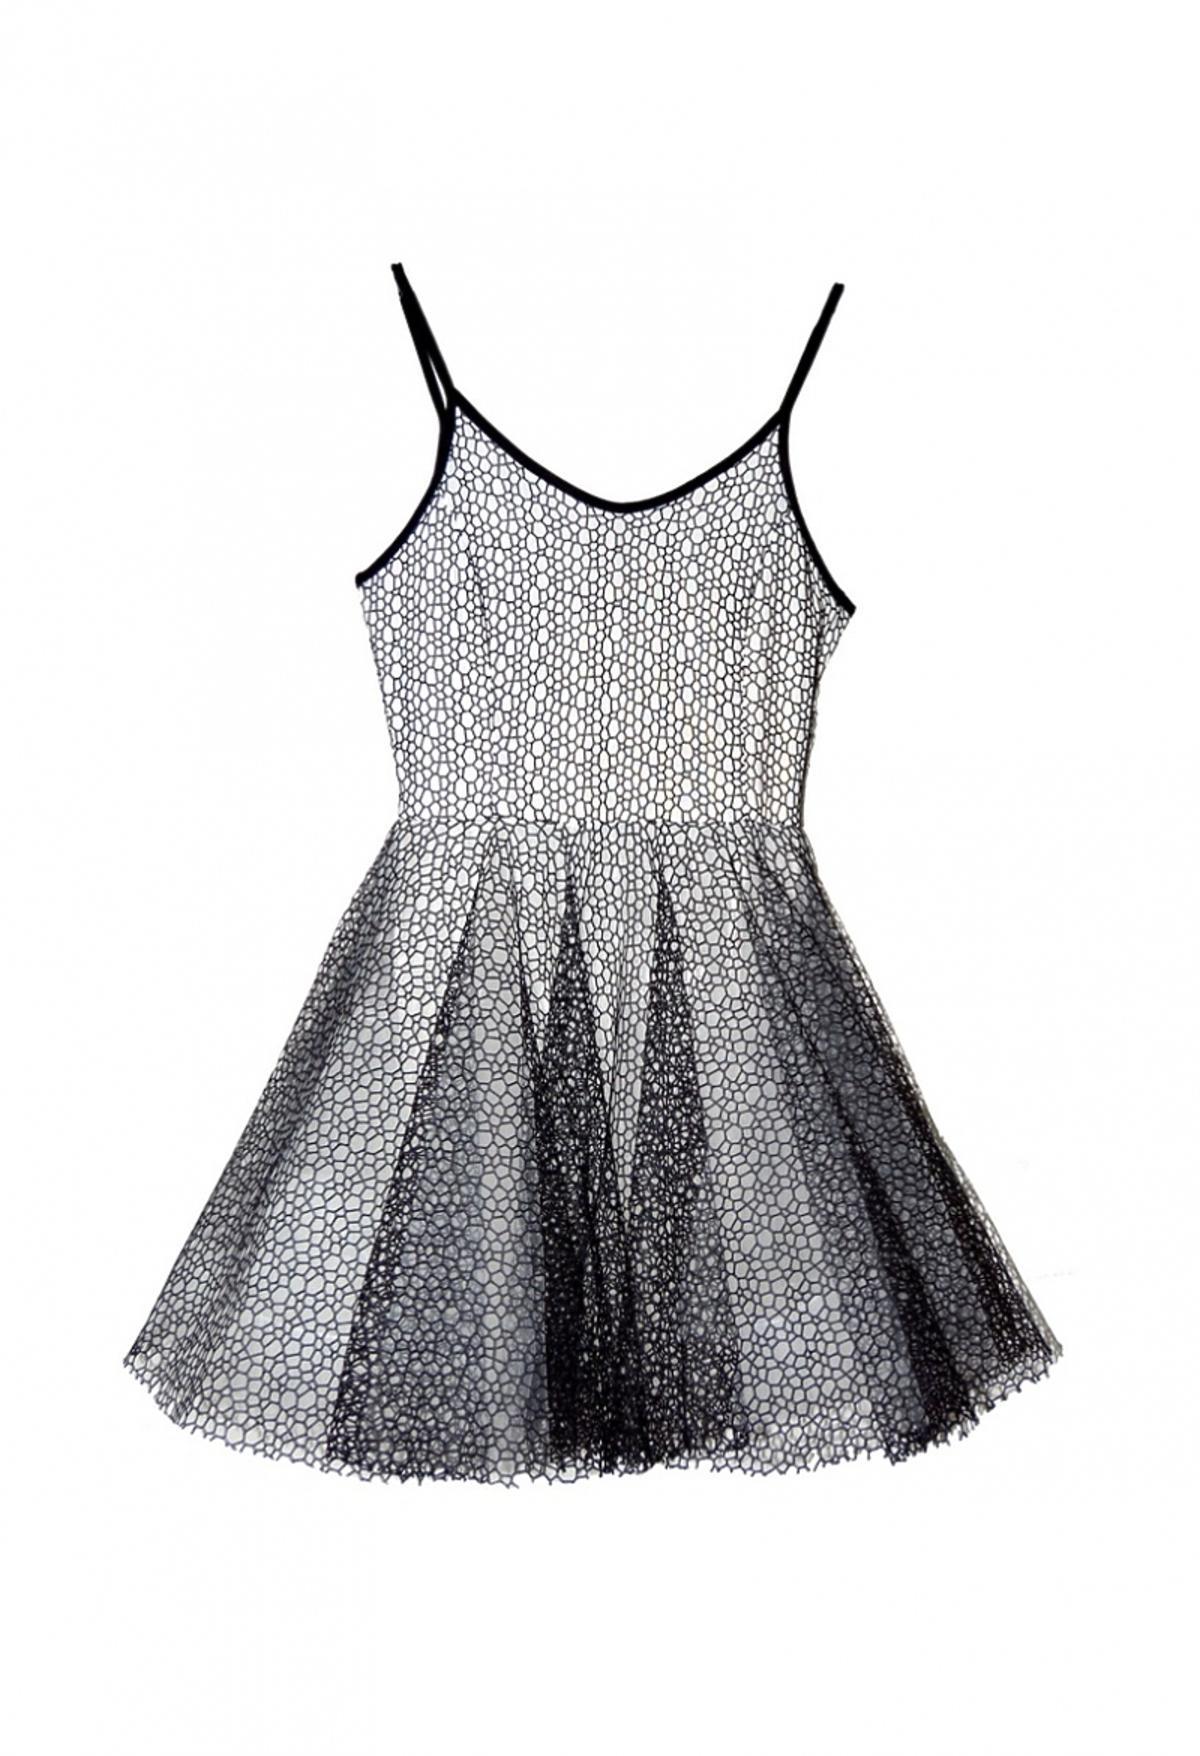 Biała rozkloszowana sukienka z czarną koronką